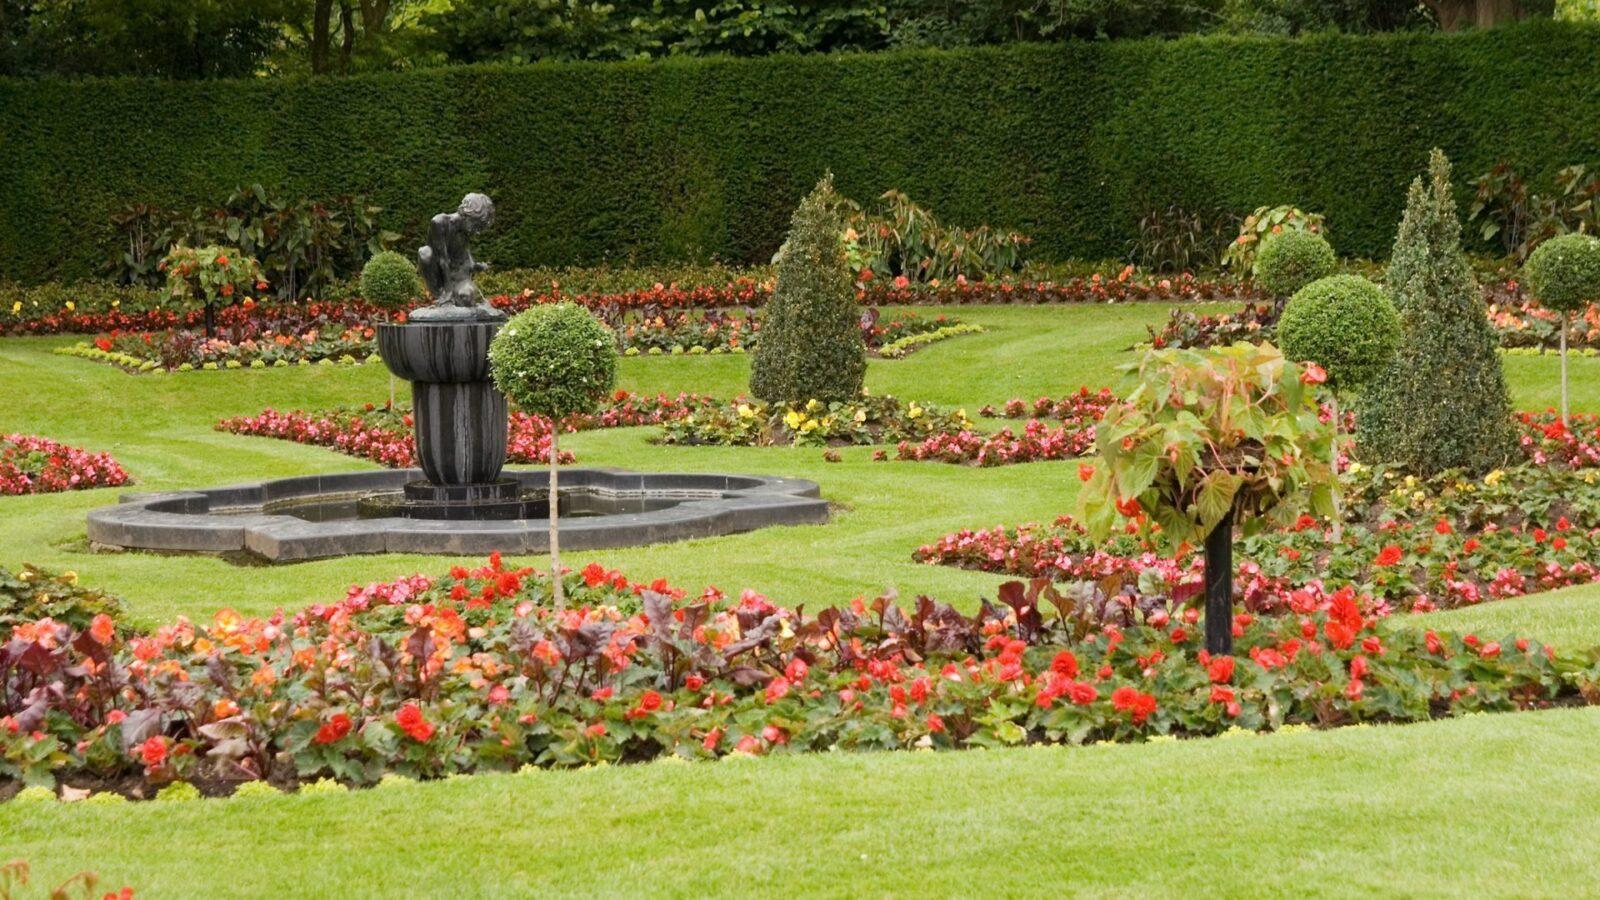 Queen Mary's Garden, The Regent's Park